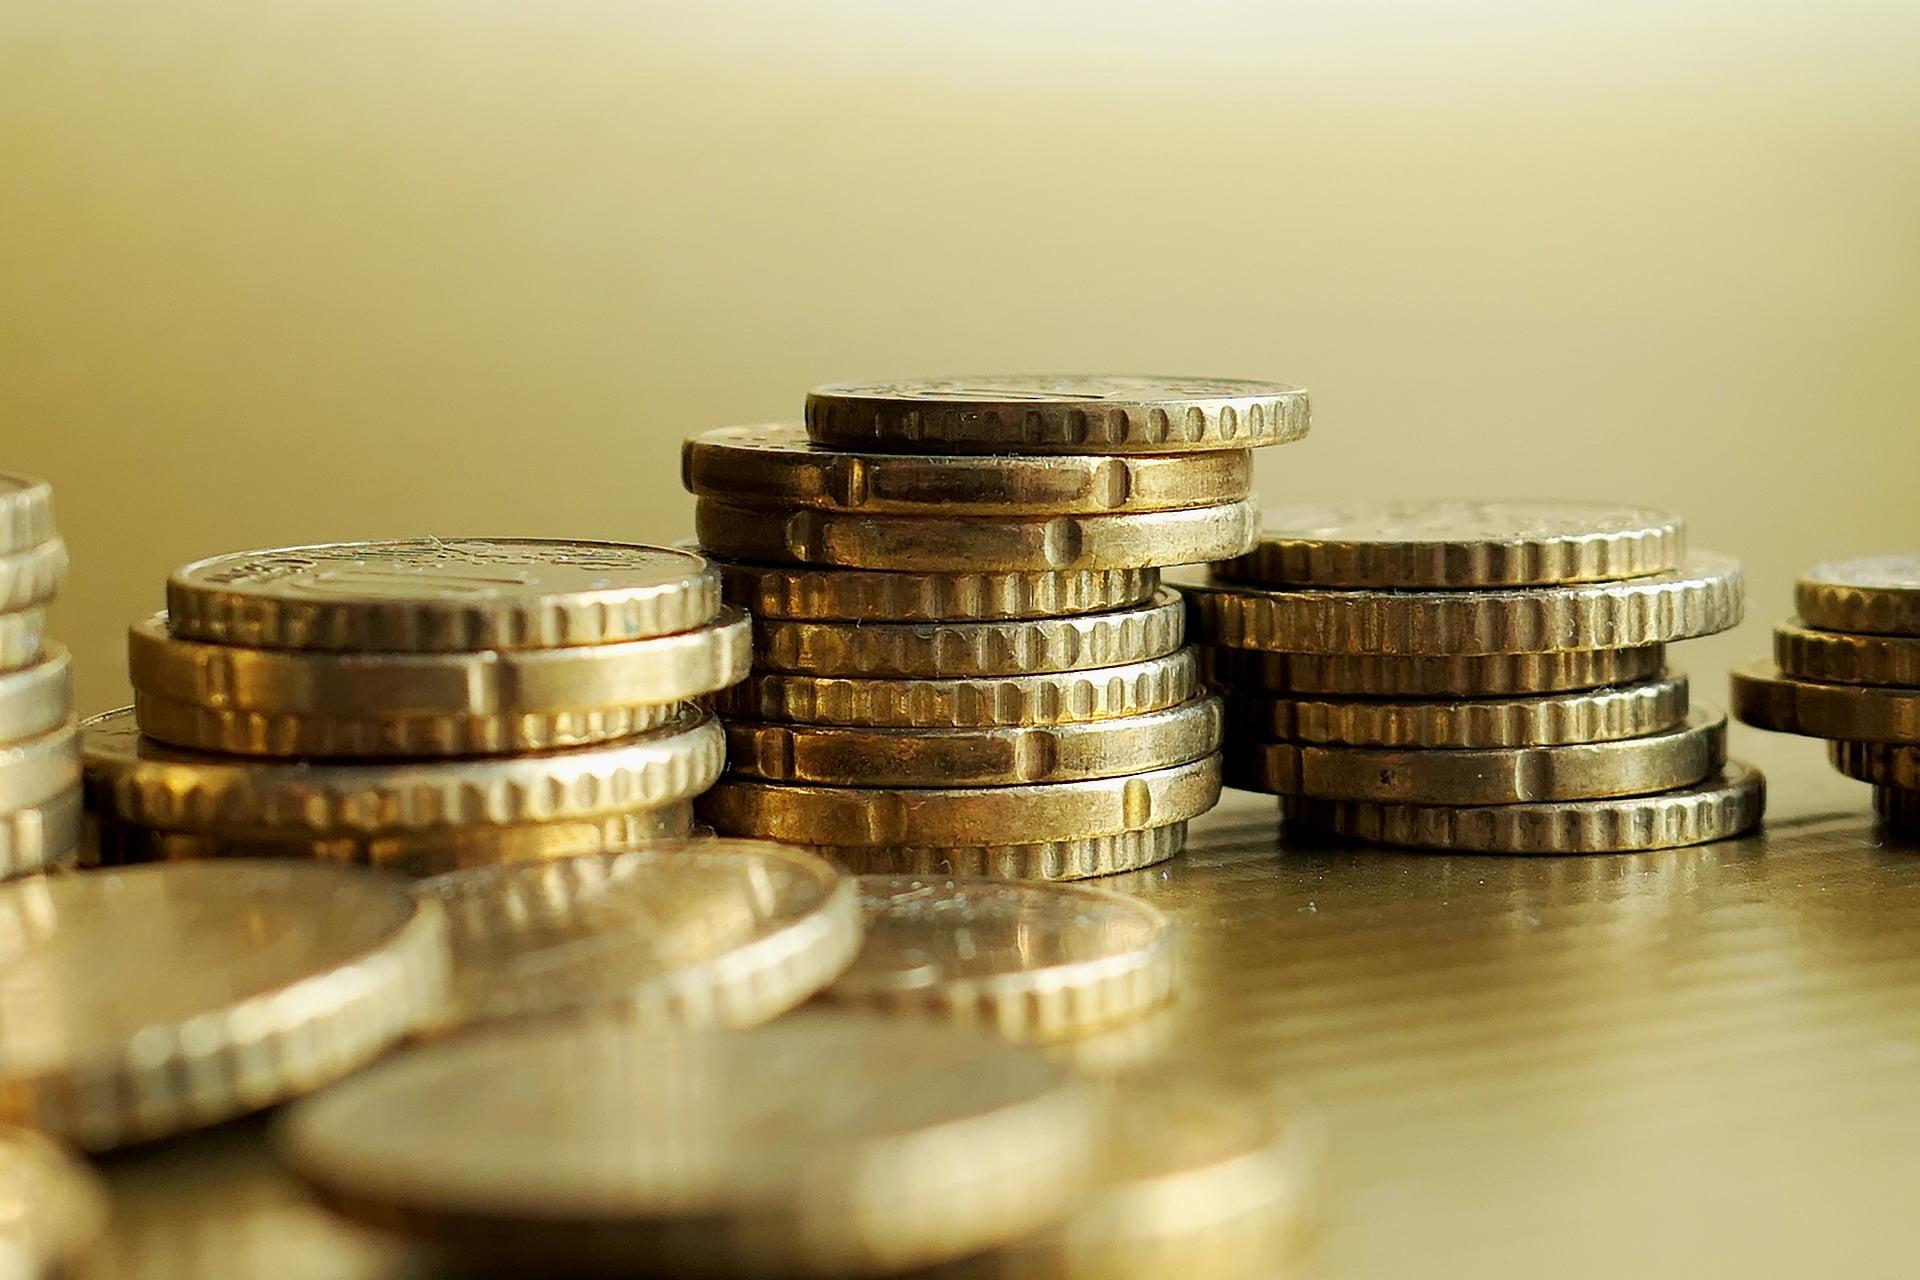 El dinero electrónico tiene como objetivo aportar más valor a las monedas estables